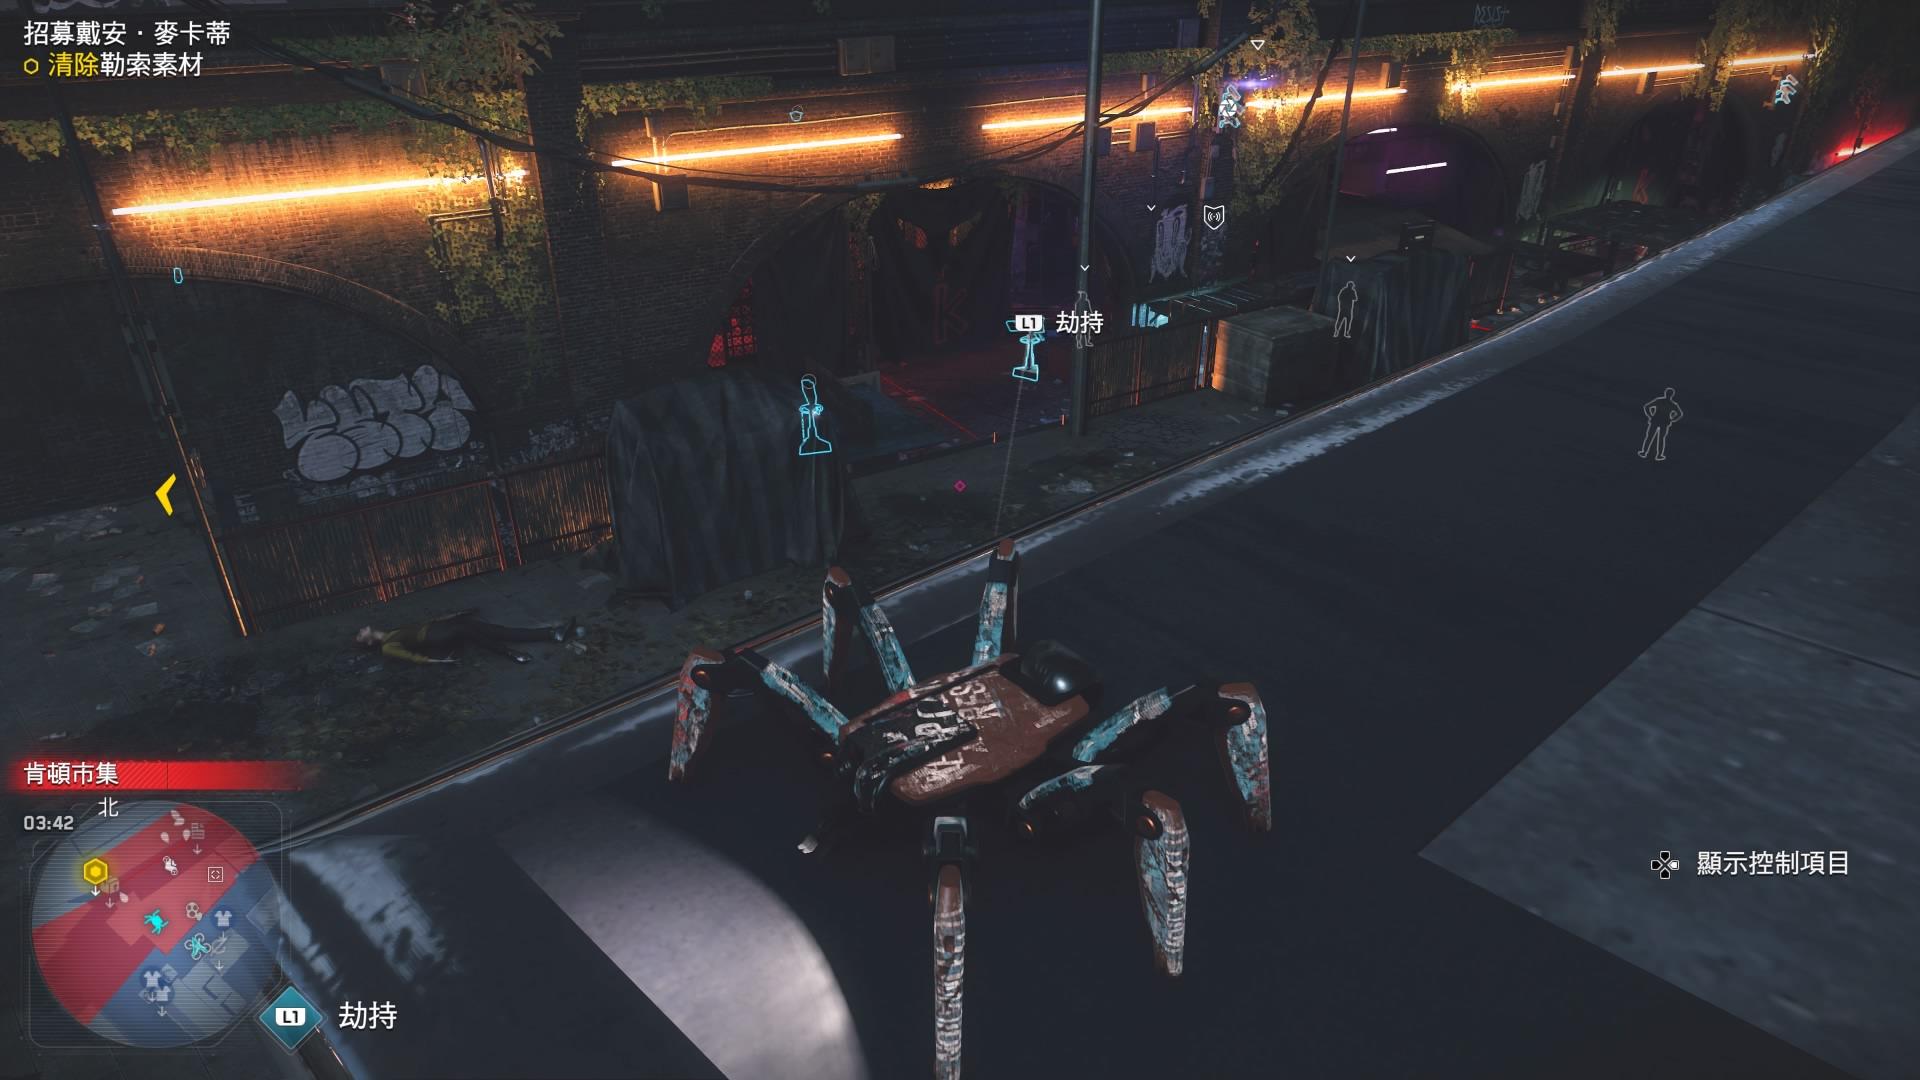 機械蜘蛛真的是本作中最好用的機器人。(圖源:PS4 Pro)